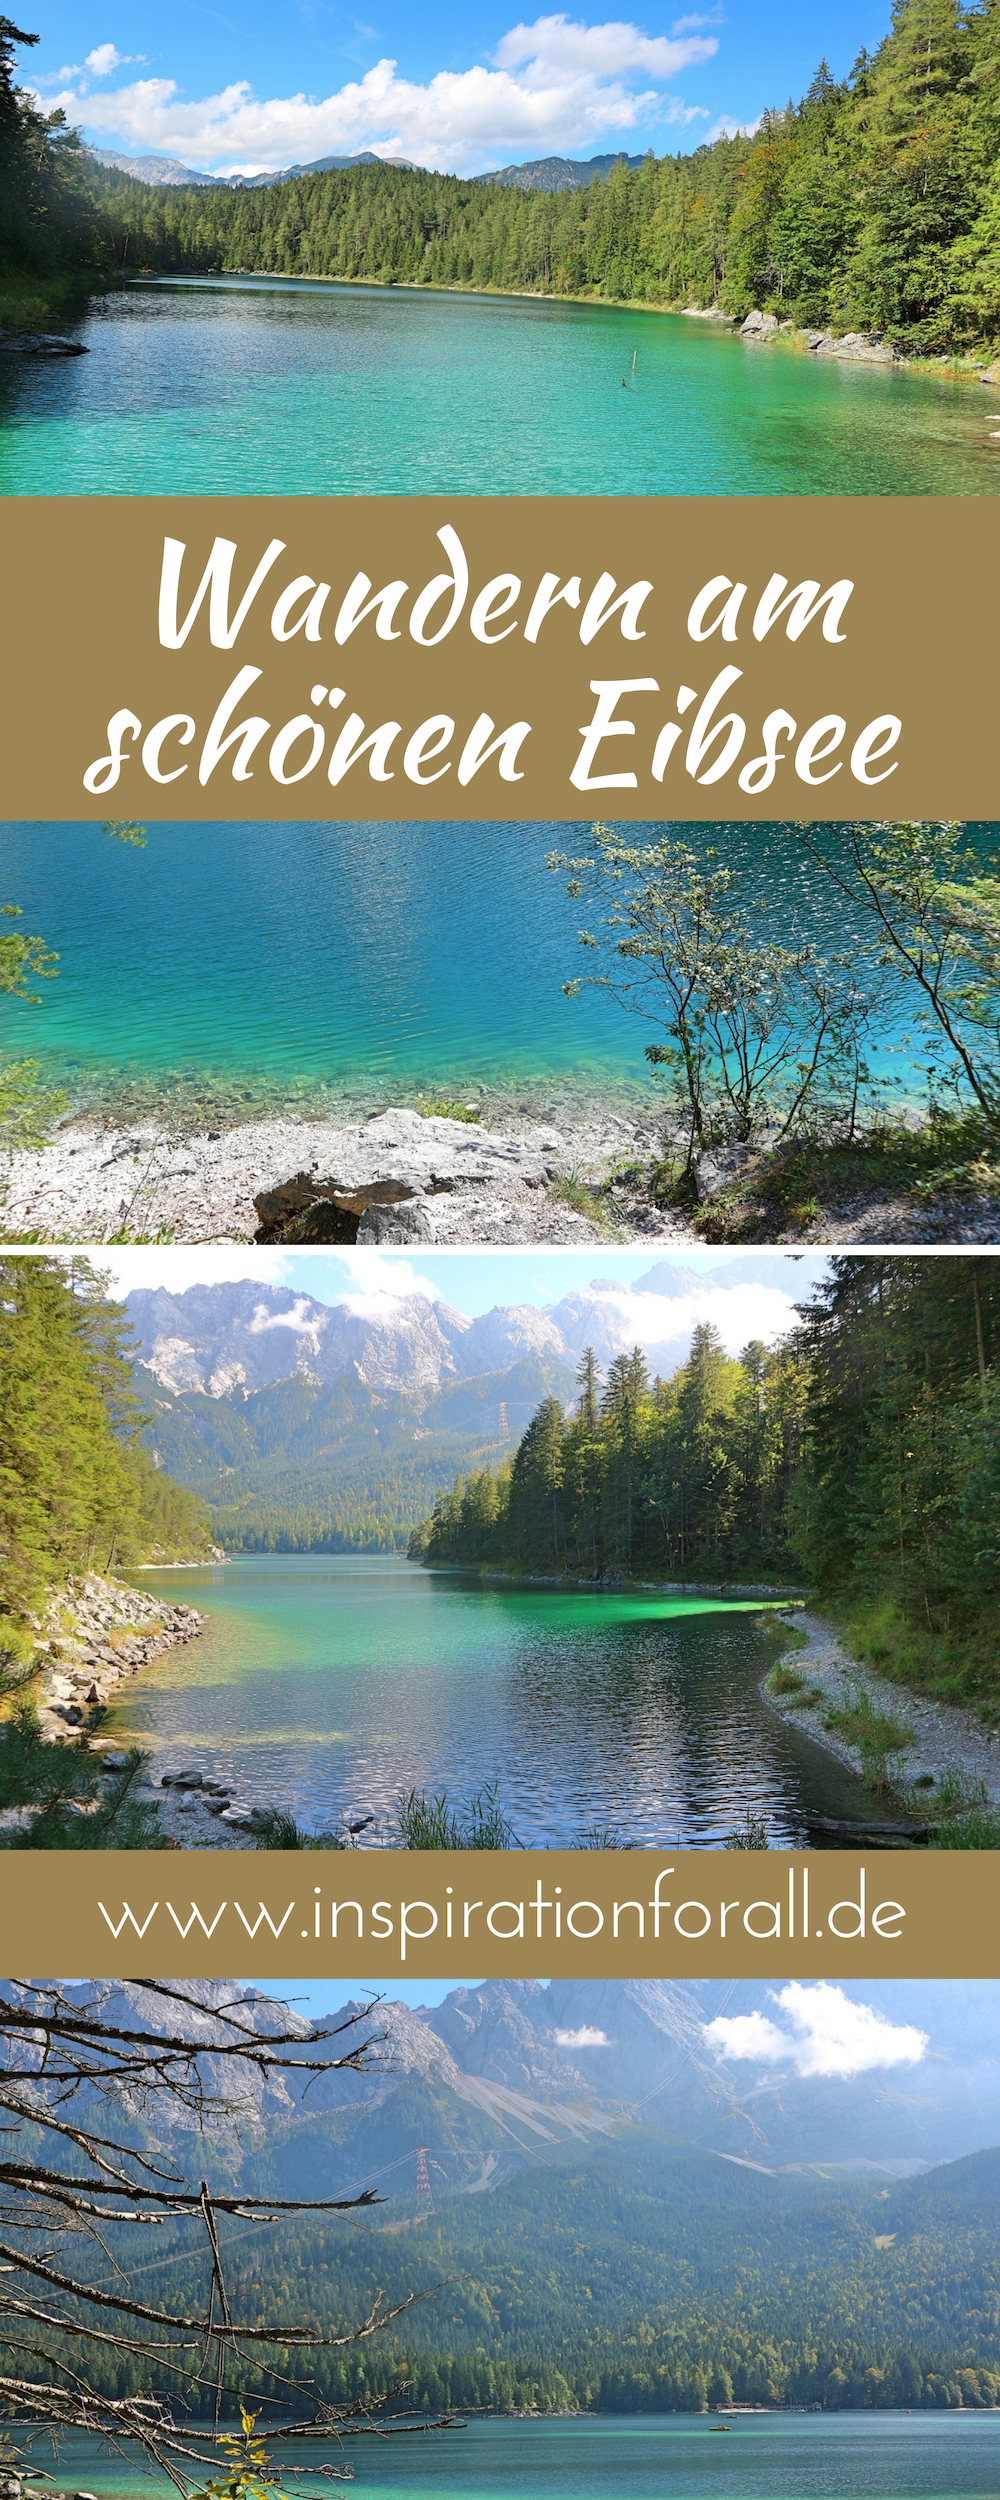 Der Eibsee ist einer der schönsten Seen in den Alpen. Die Landschaft am See ist atemberaubend. Es lohnt sich rund um den See zu wandern – ob im Sommer oder Herbst. Ich gebe dir Tipps für dieses traumhafte Ausflugsziel in Bayern und zeige viele Natur Bilder von meiner Wanderung. #eibsee #wandern #bayern #see #wanderlust